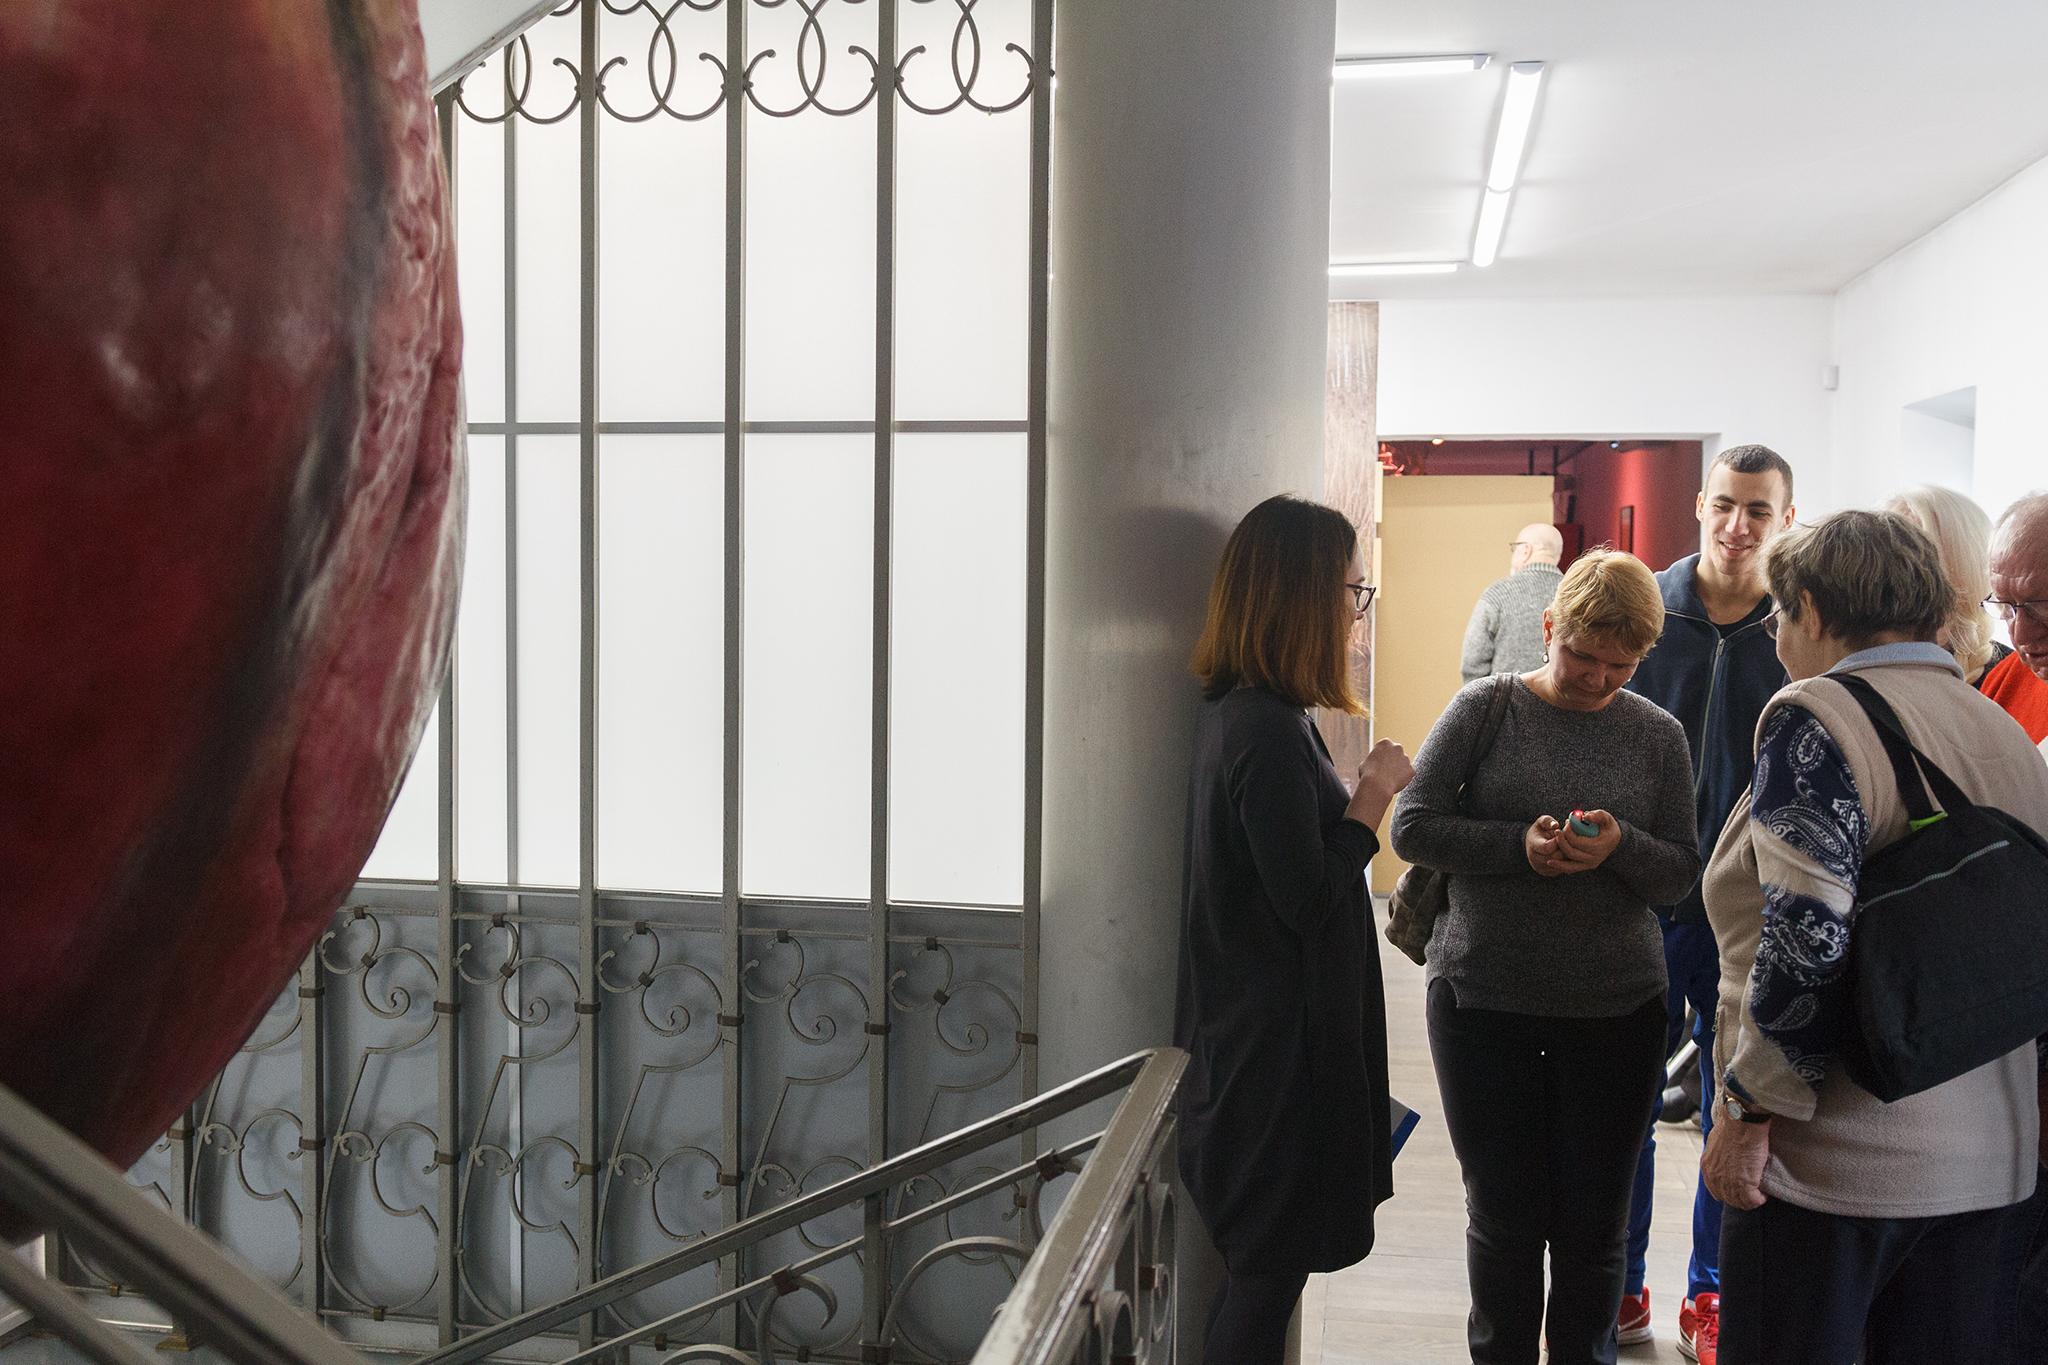 zdjęcie wykonane z takiej perspektywy, że z lewej strony widać rzeźbę serca a z prawej rozmawiających ludzi